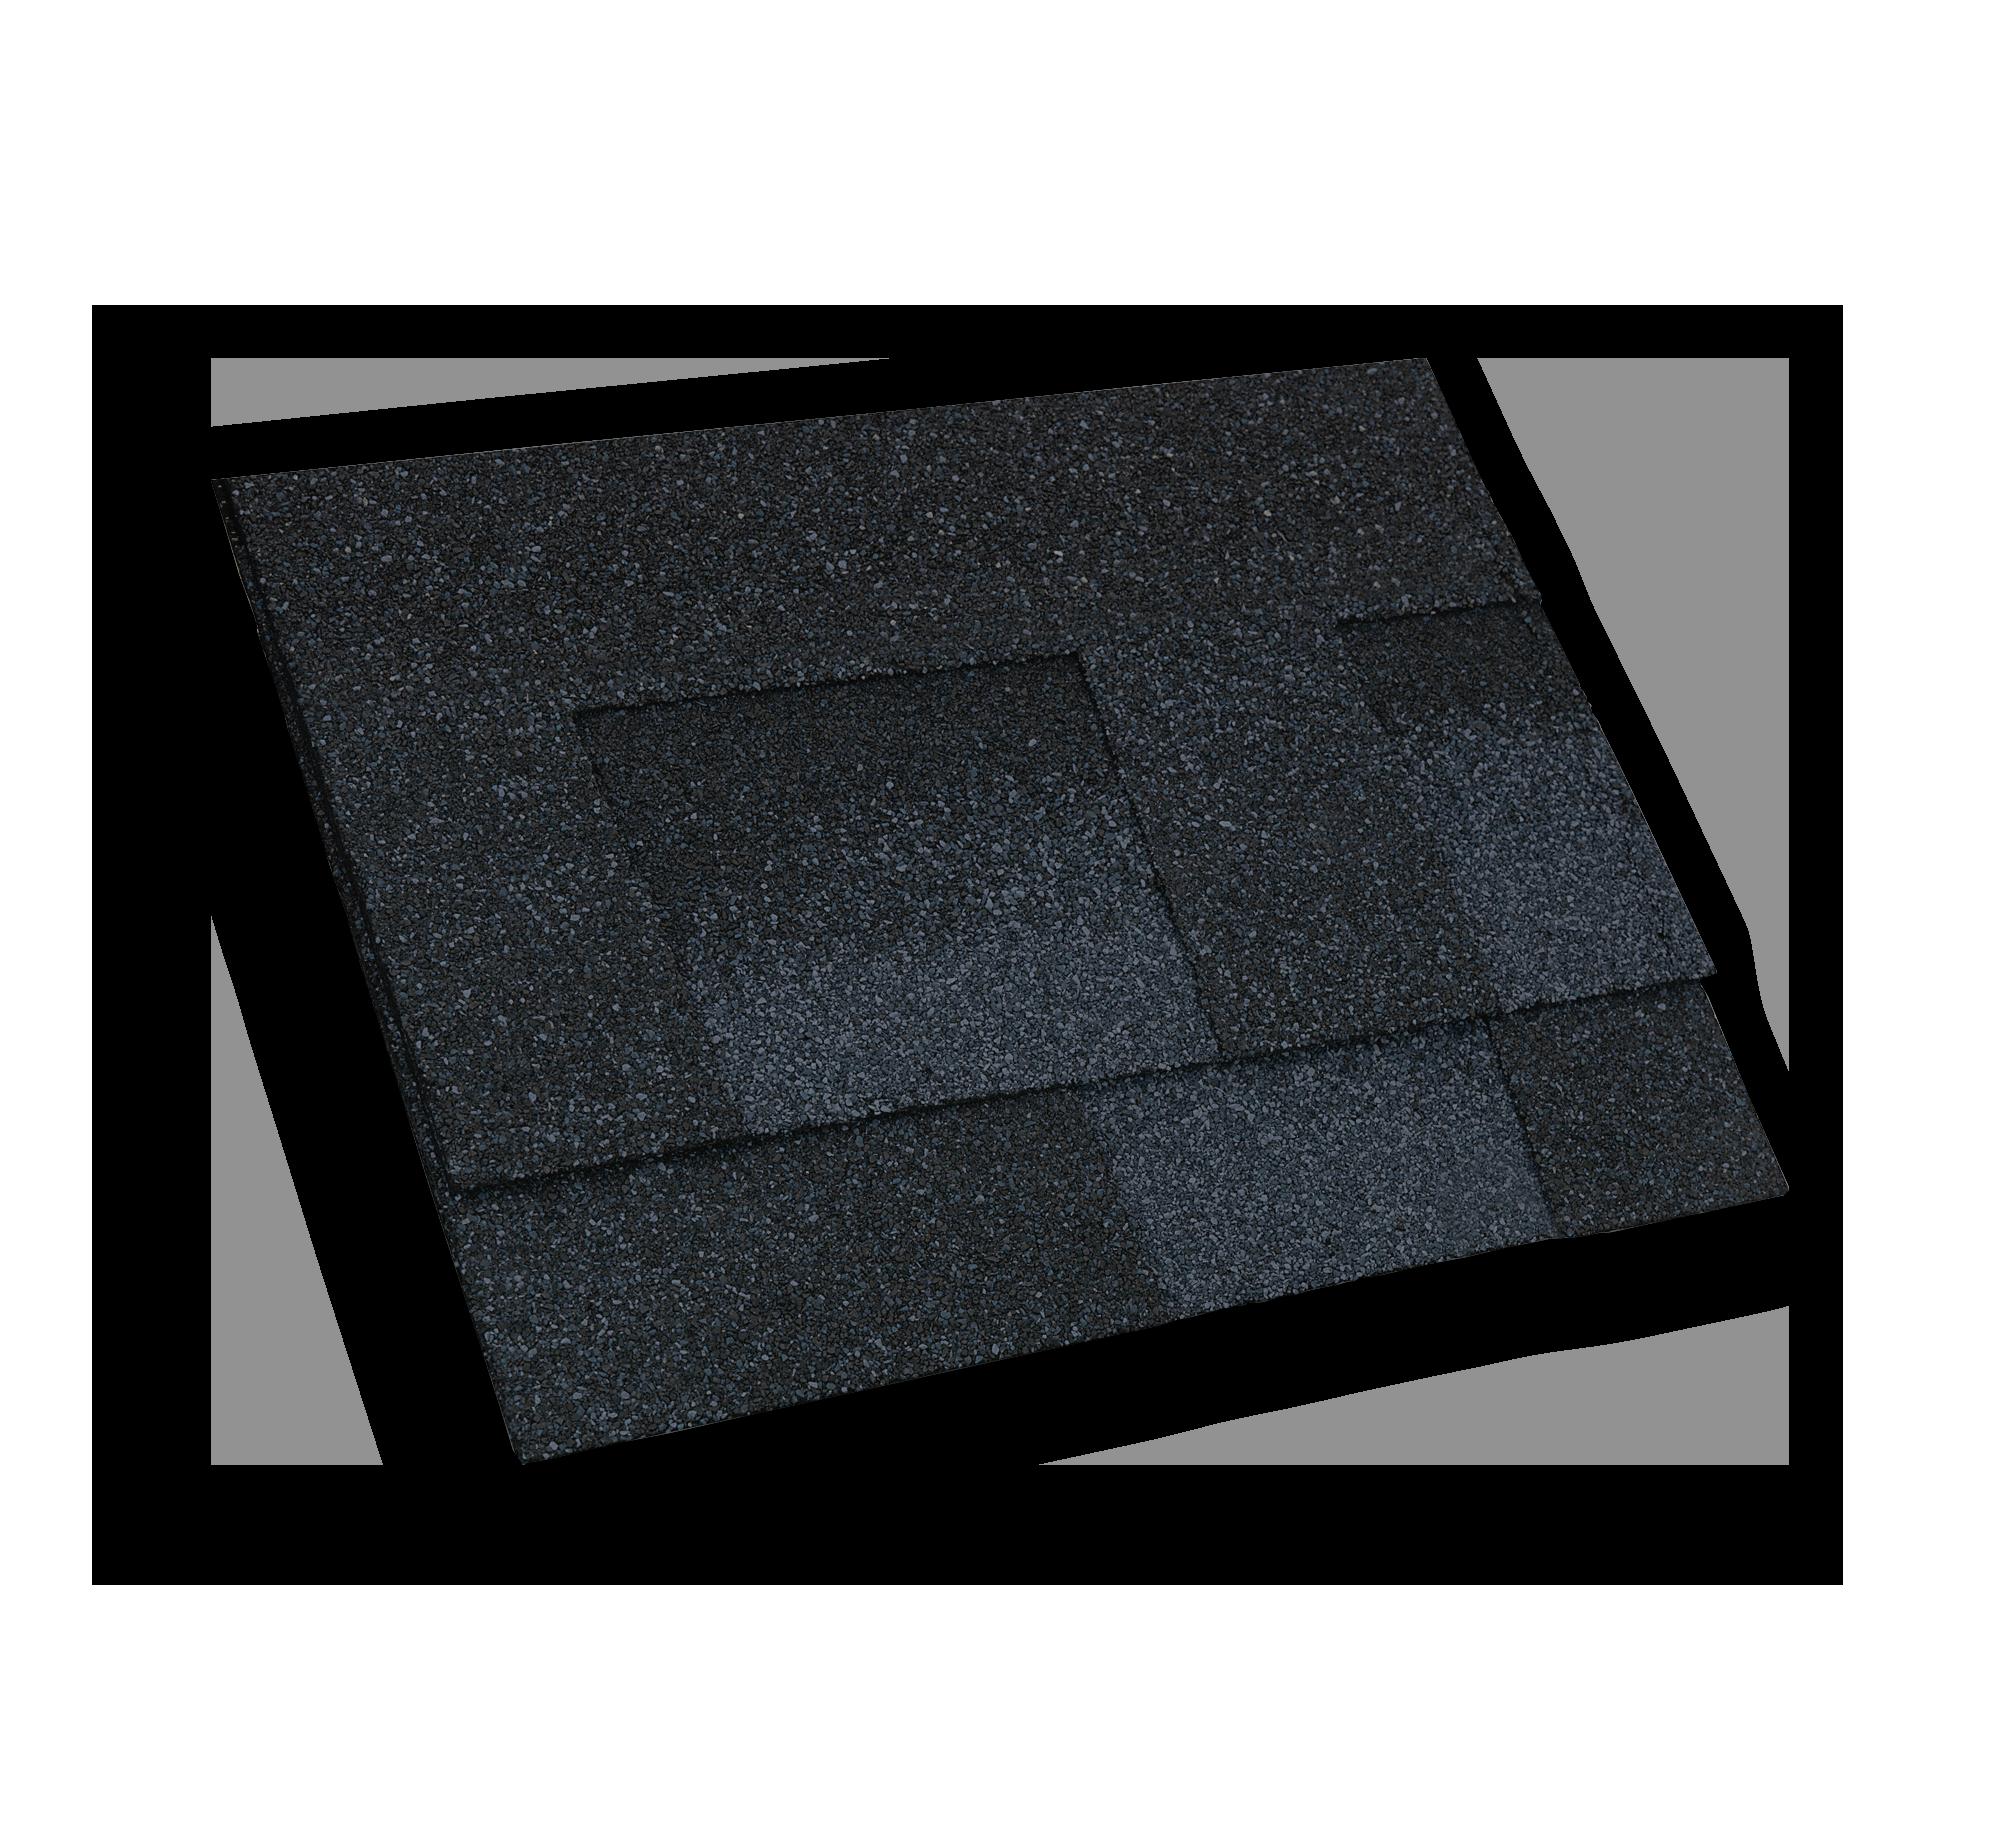 Moire Black Shingle roof